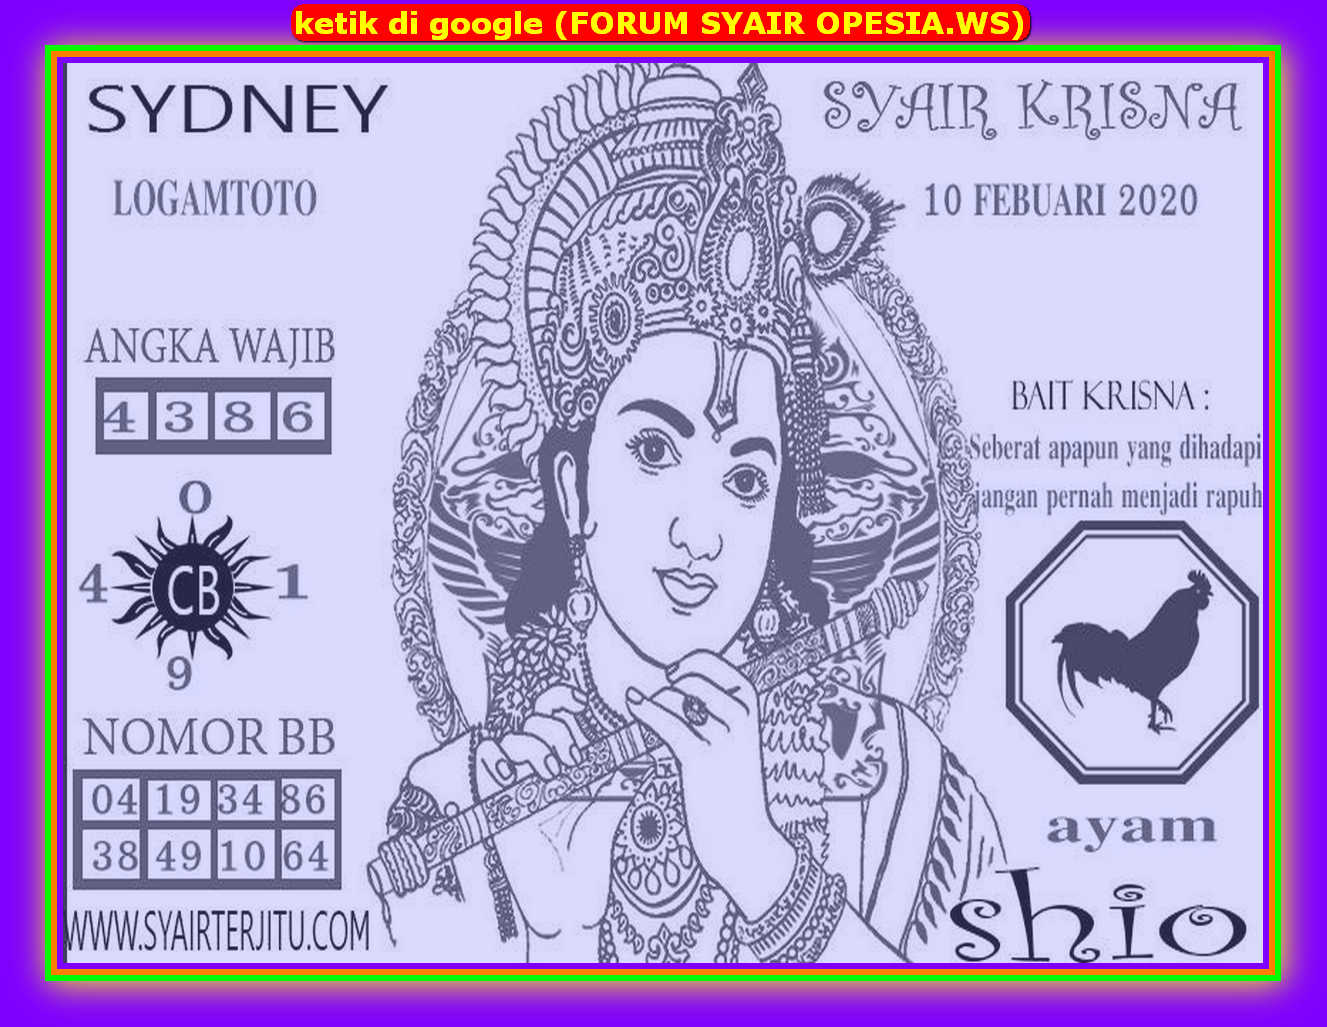 Kode syair Sydney Senin 10 Februari 2020 78